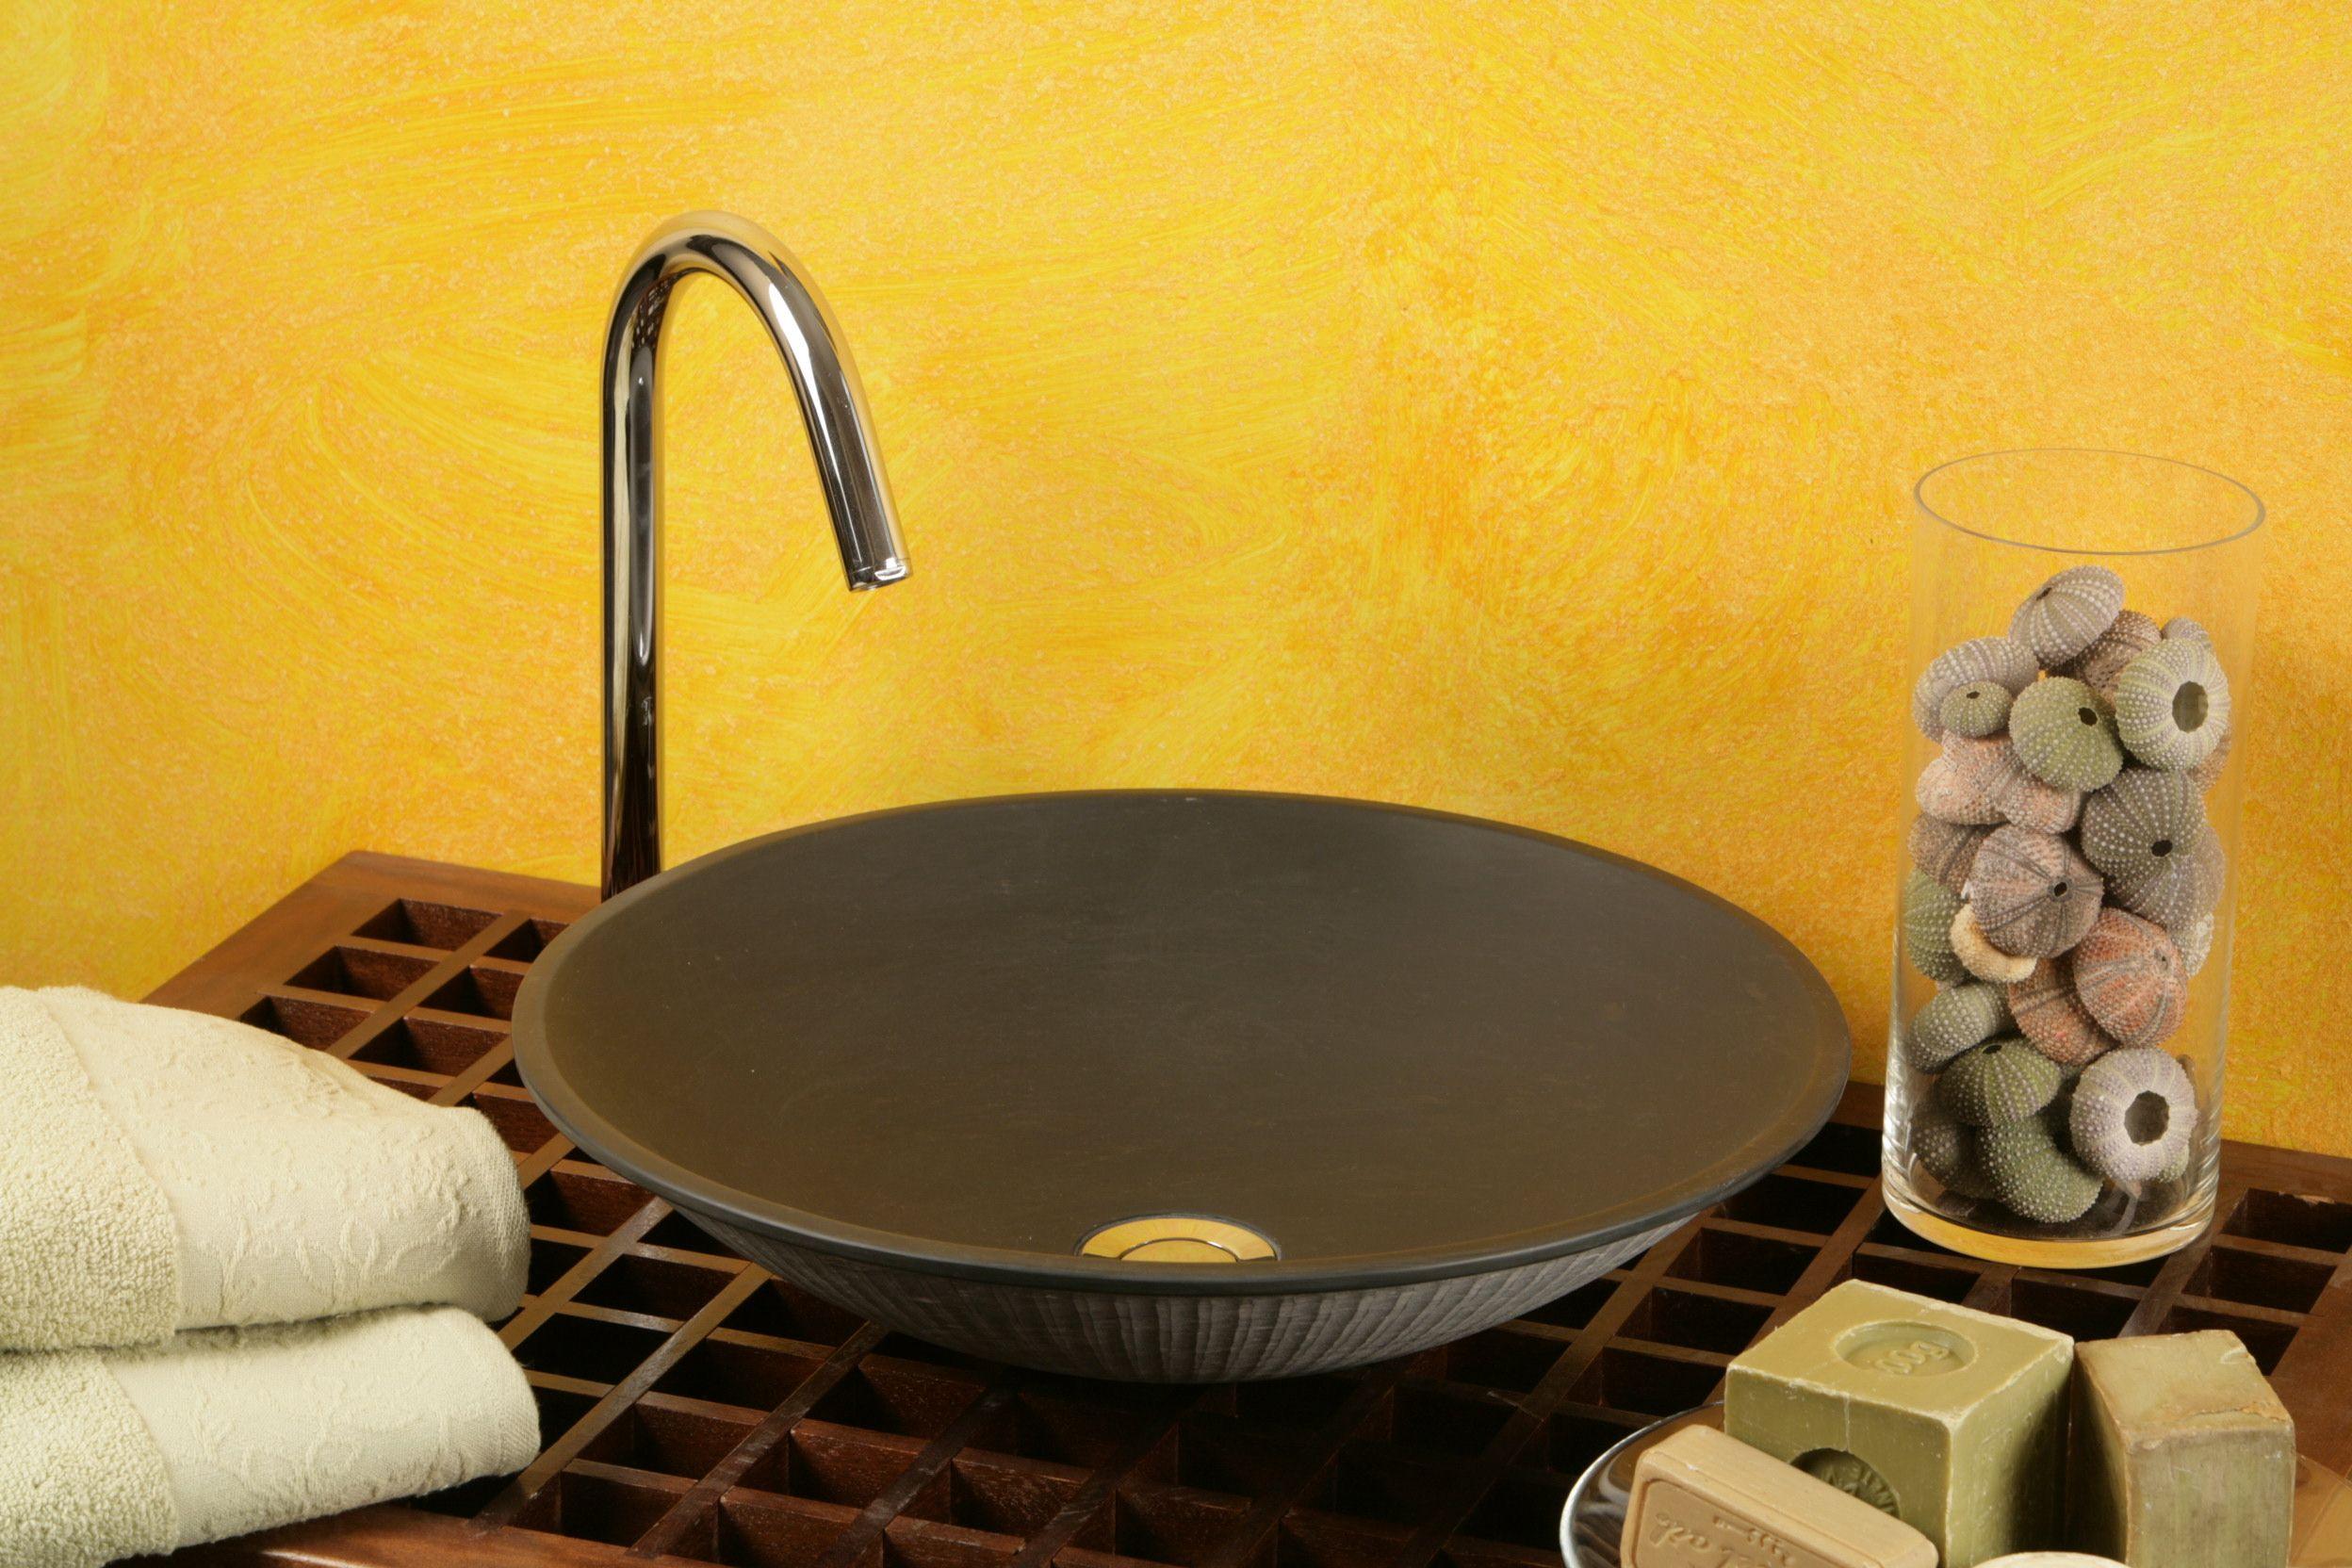 Ciottola:  Lavabo in massello d'ardesia; finitura levigata dentro e grezza fuori. Trattamento protettivo, dimensioni cm. 50x50x12, peso kg. 10